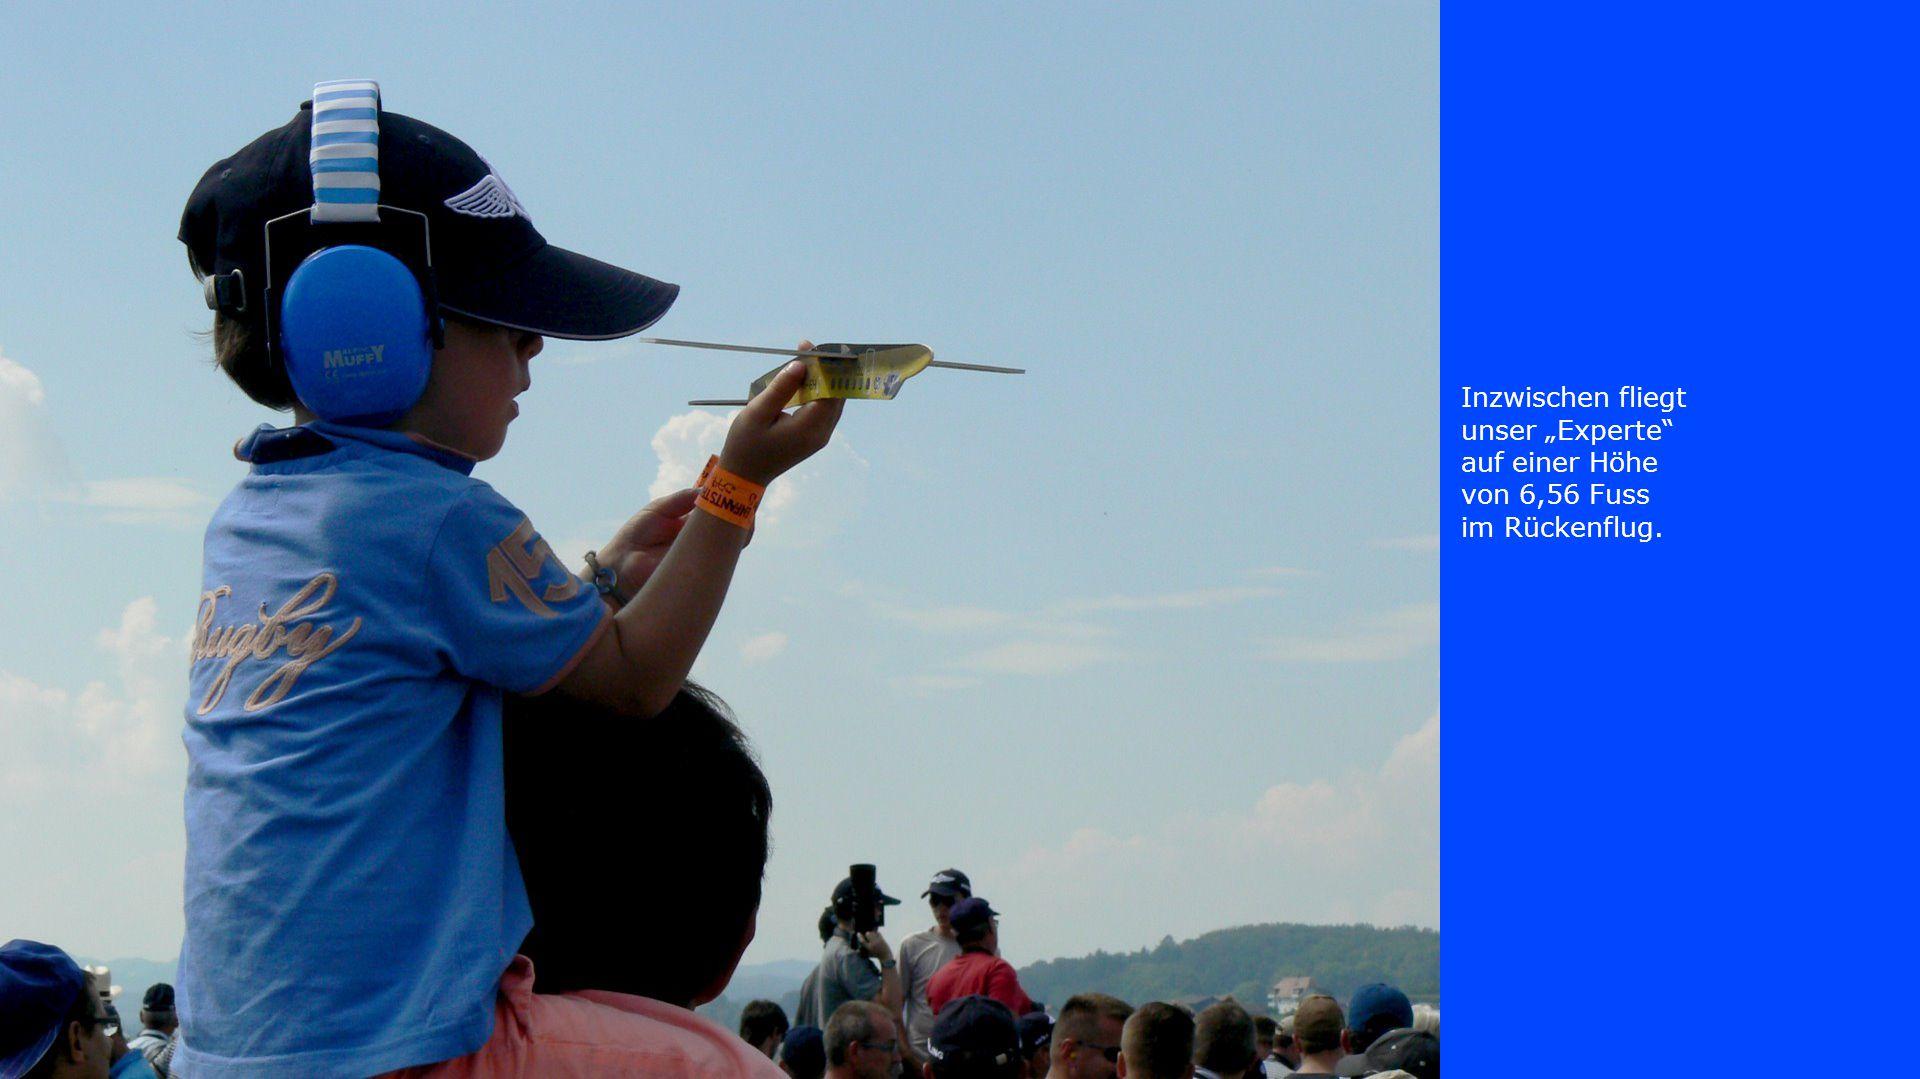 """Inzwischen fliegt unser """"Experte auf einer Höhe von 6,56 Fuss im Rückenflug."""